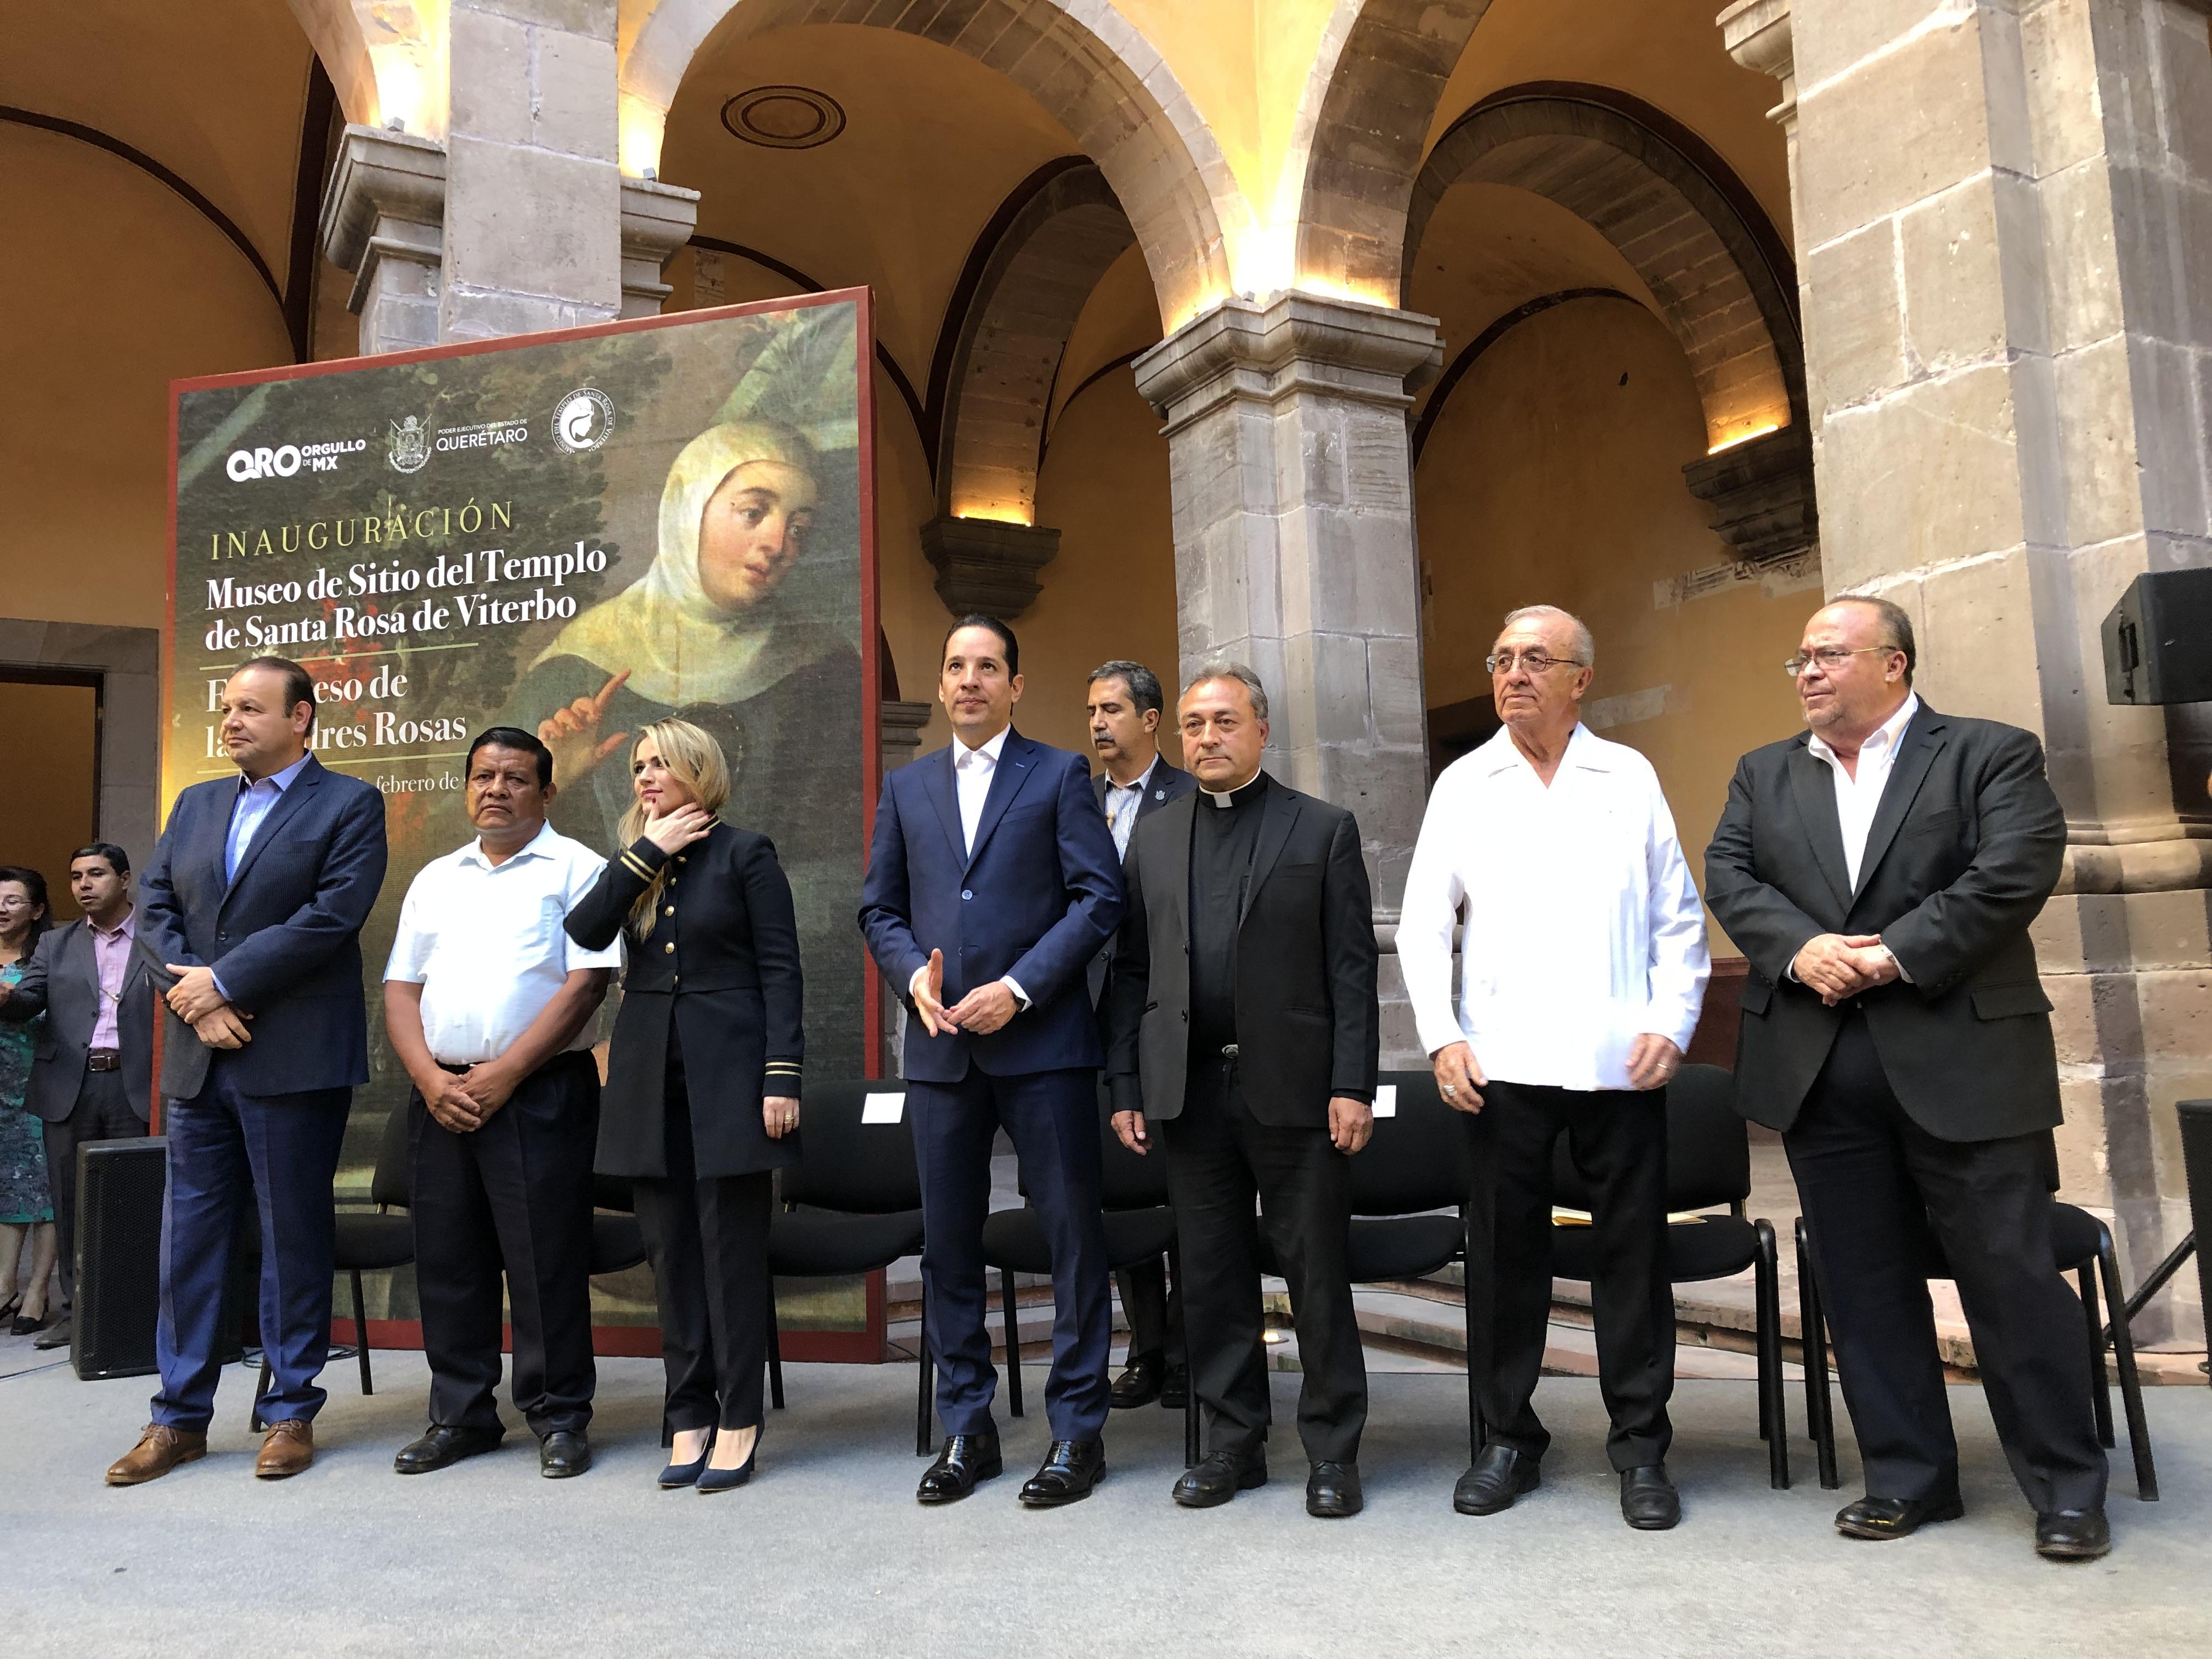 Inauguran Museo del Sitio en Santa Rosa de Viterbo